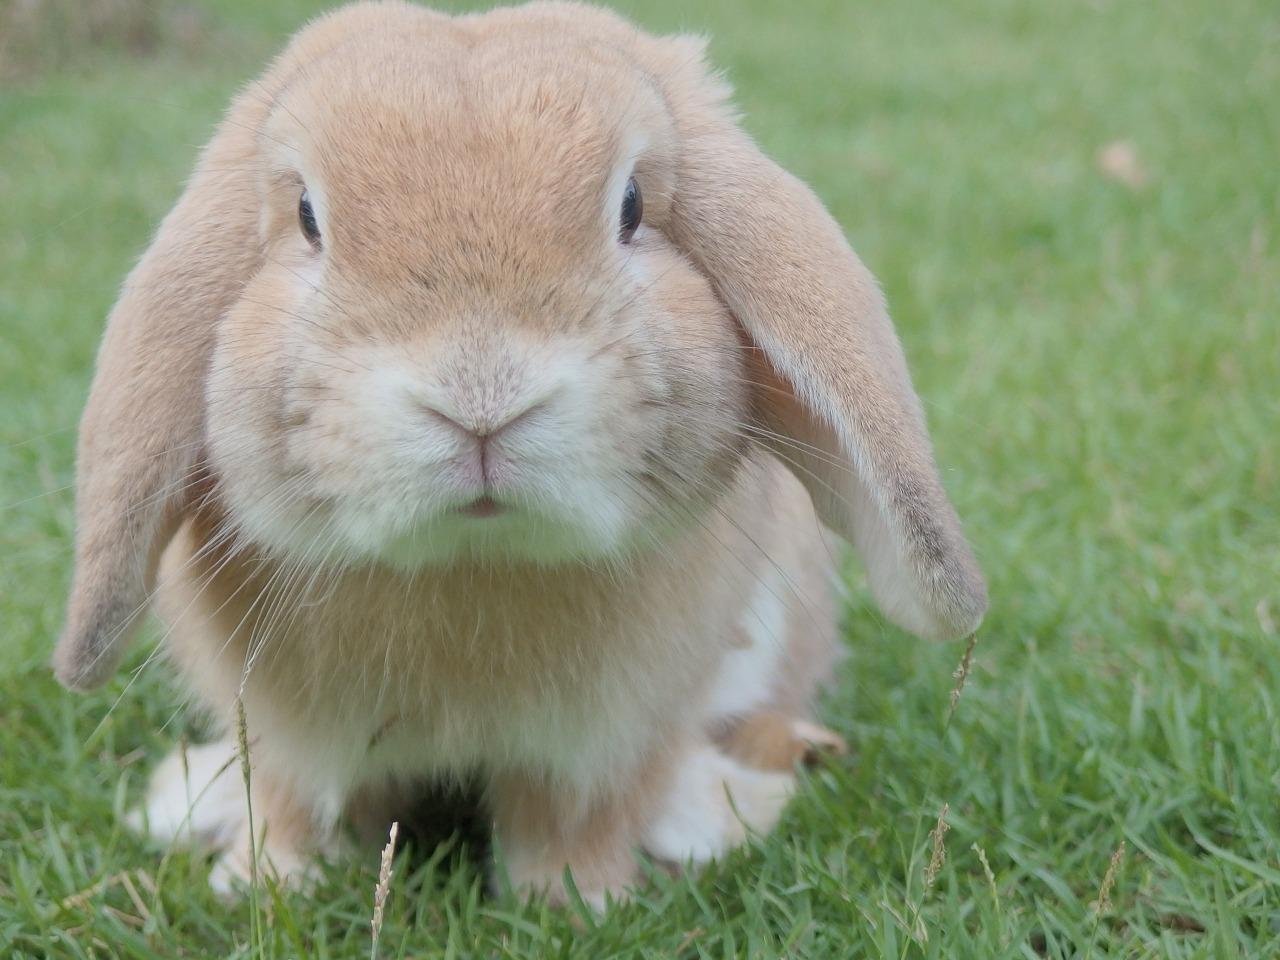 Coniglio infelice